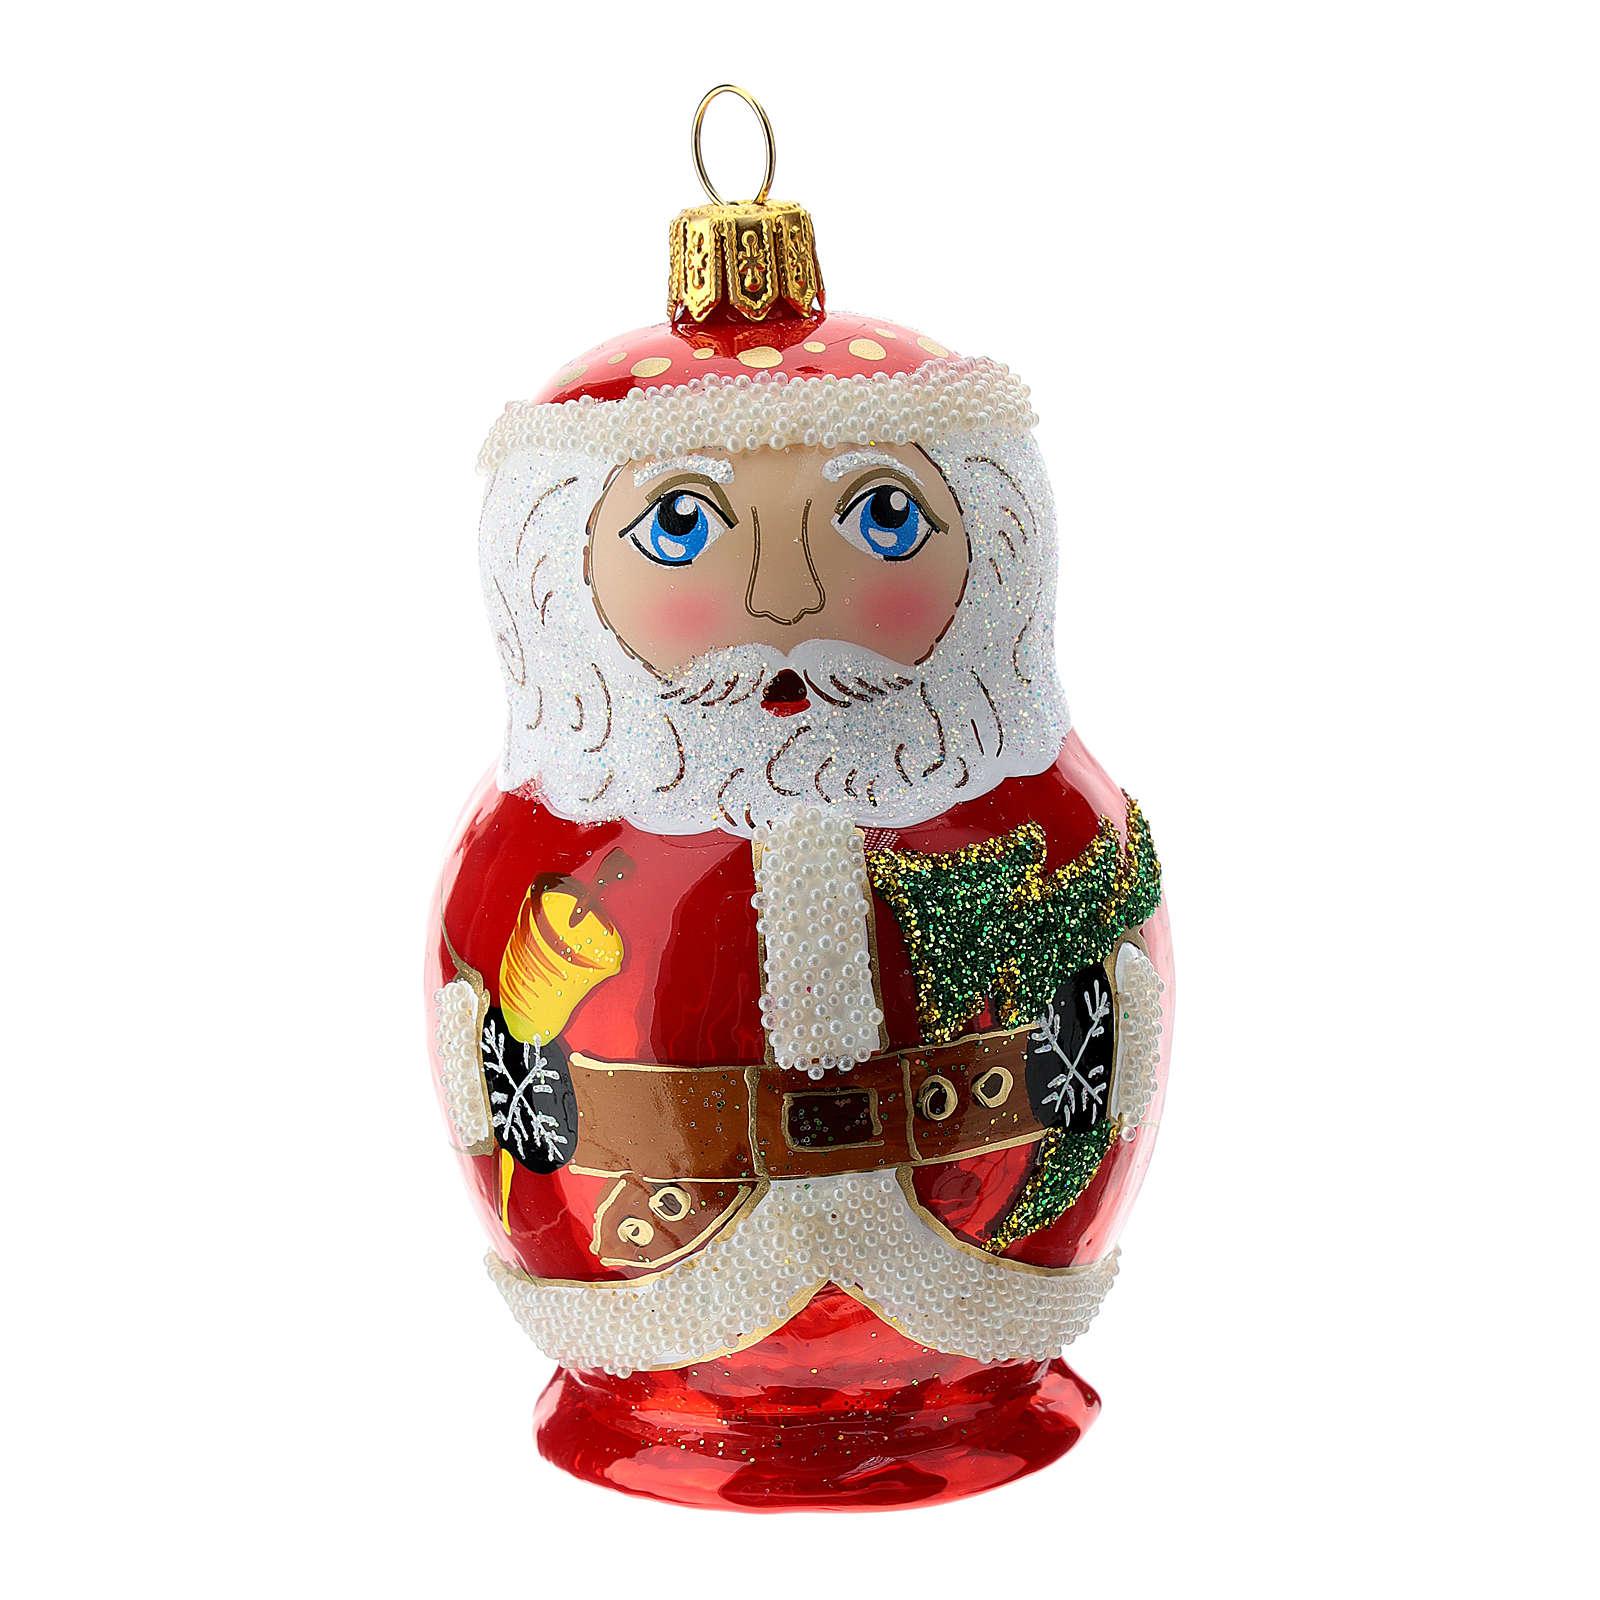 Blown glass Christmas ornament, Santa Claus Russian doll 4